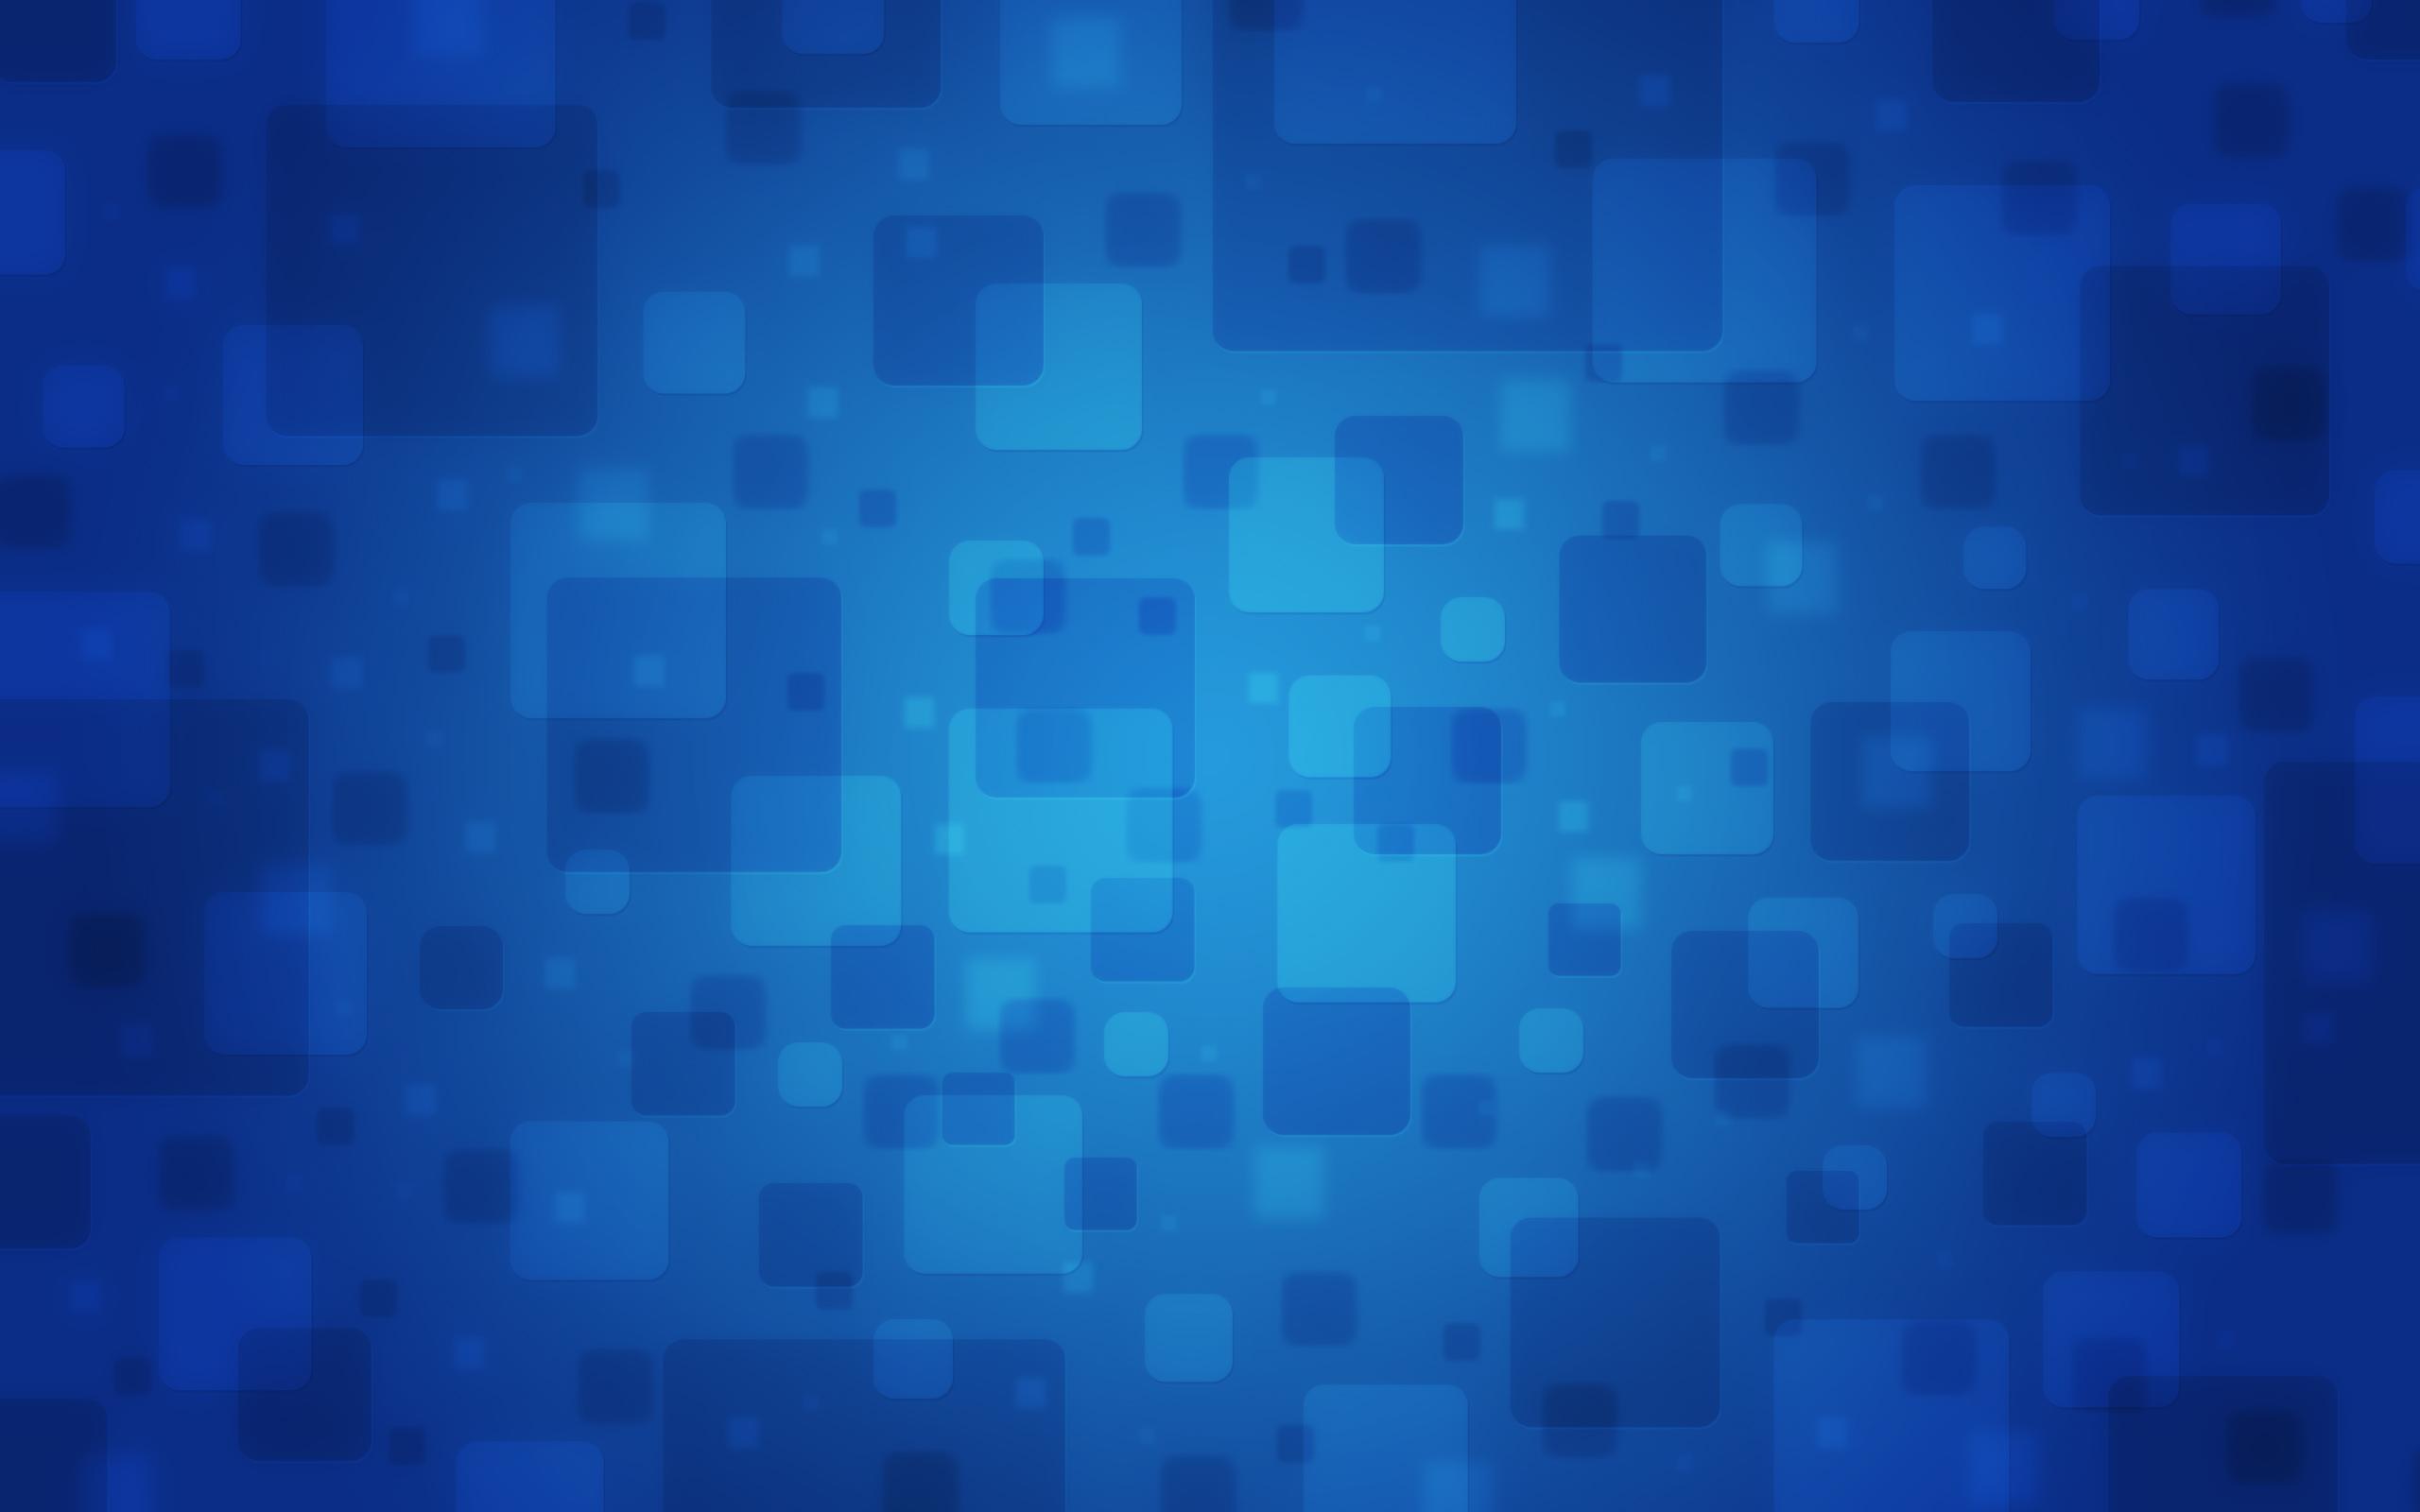 blue-wallpaper-36